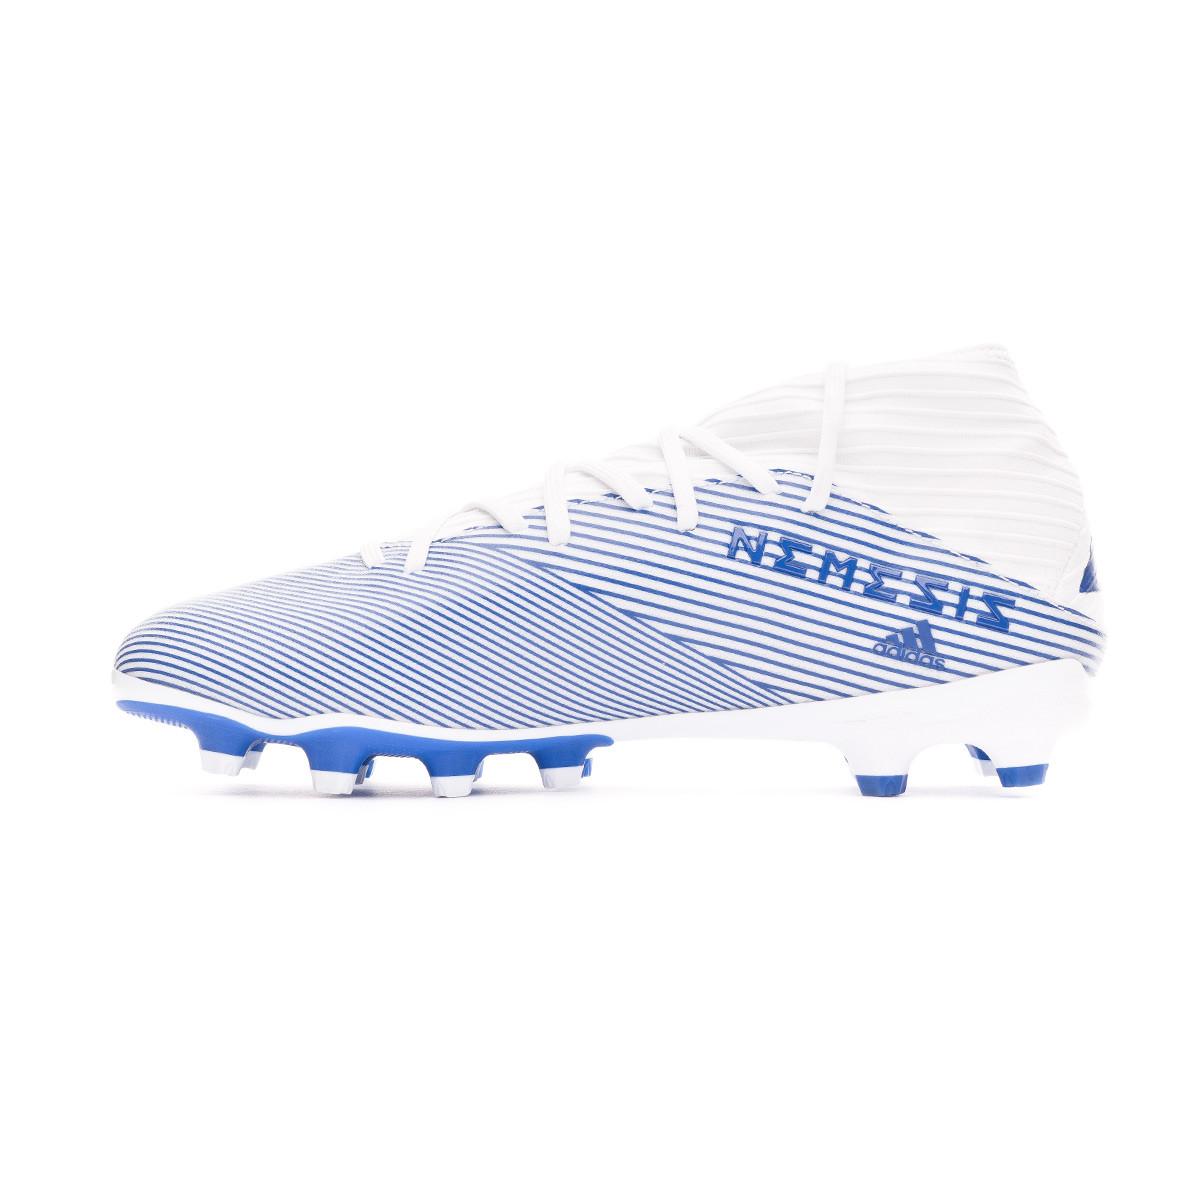 Chaussure de foot adidas Nemeziz19.3 MG